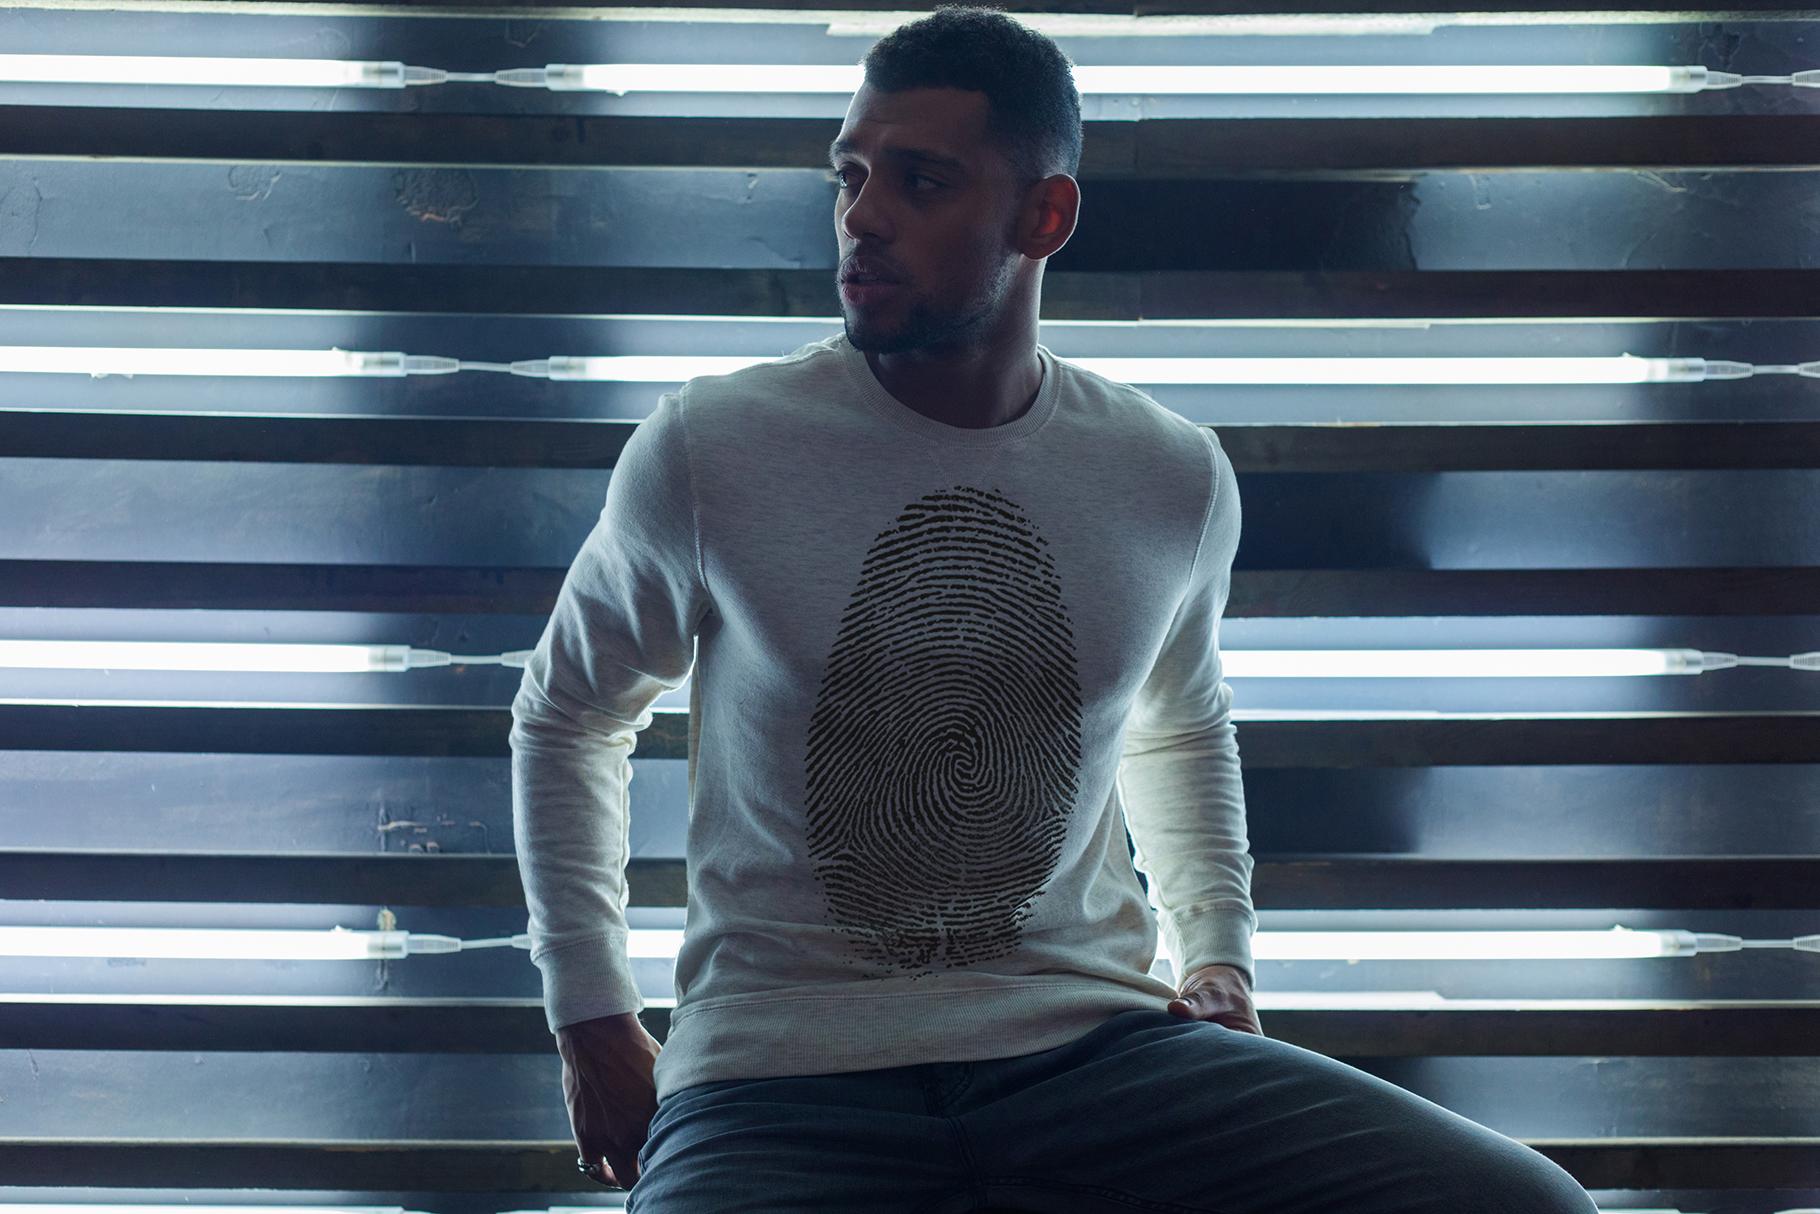 Sweatshirt Mock-Up 2018 #33 example image 23